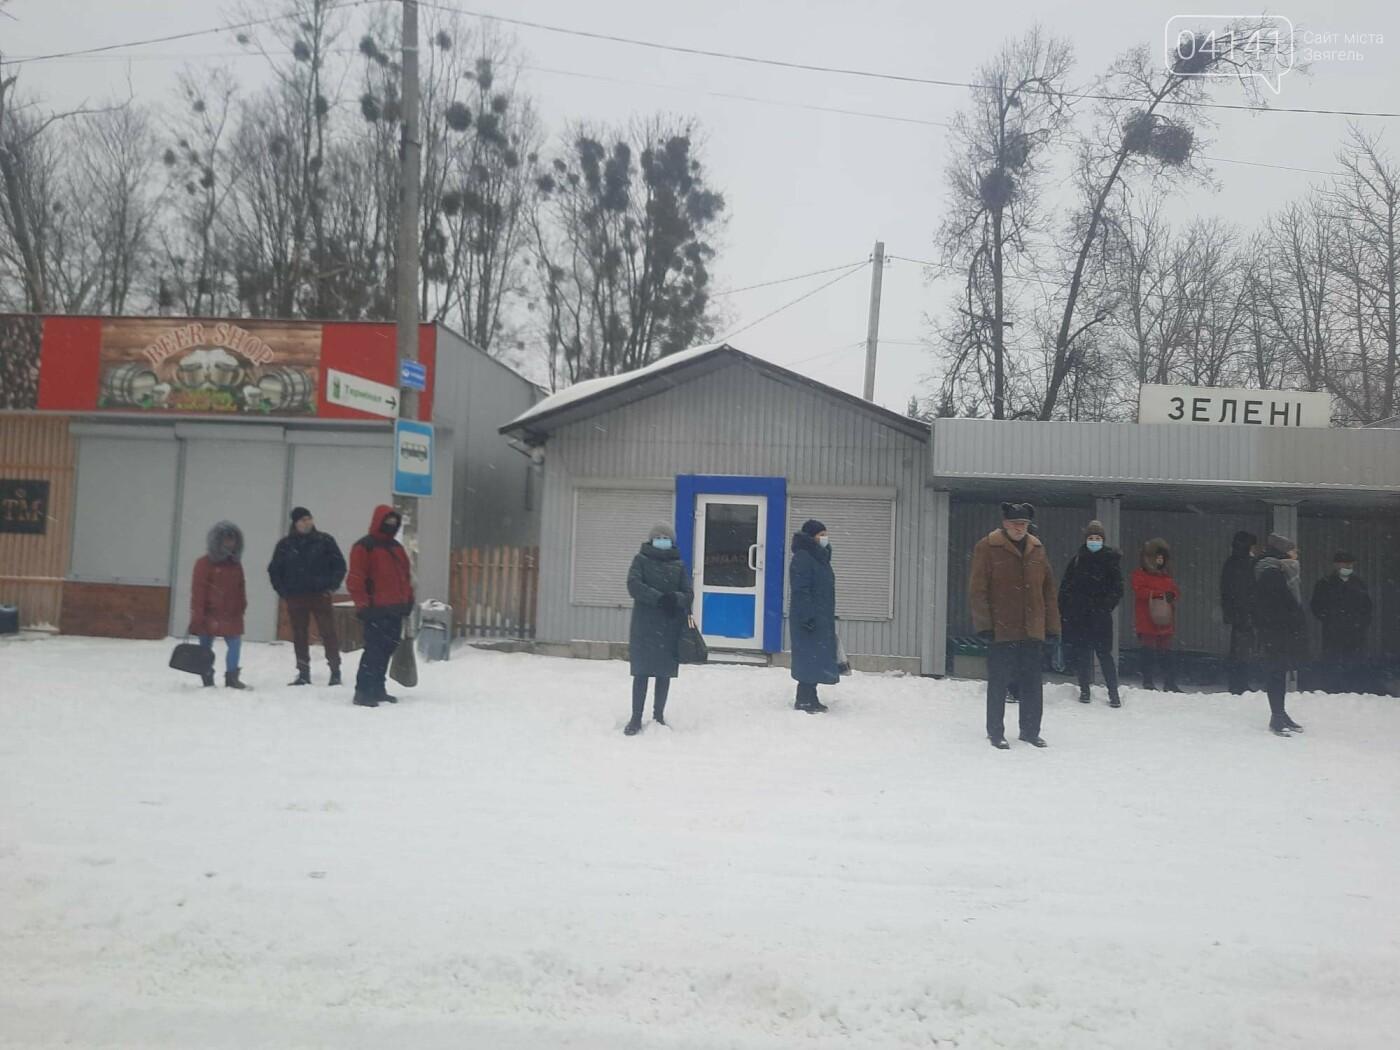 Кого потрібно звільнити, щоб витягнути Новоград з транспортного колапсу?, фото-2